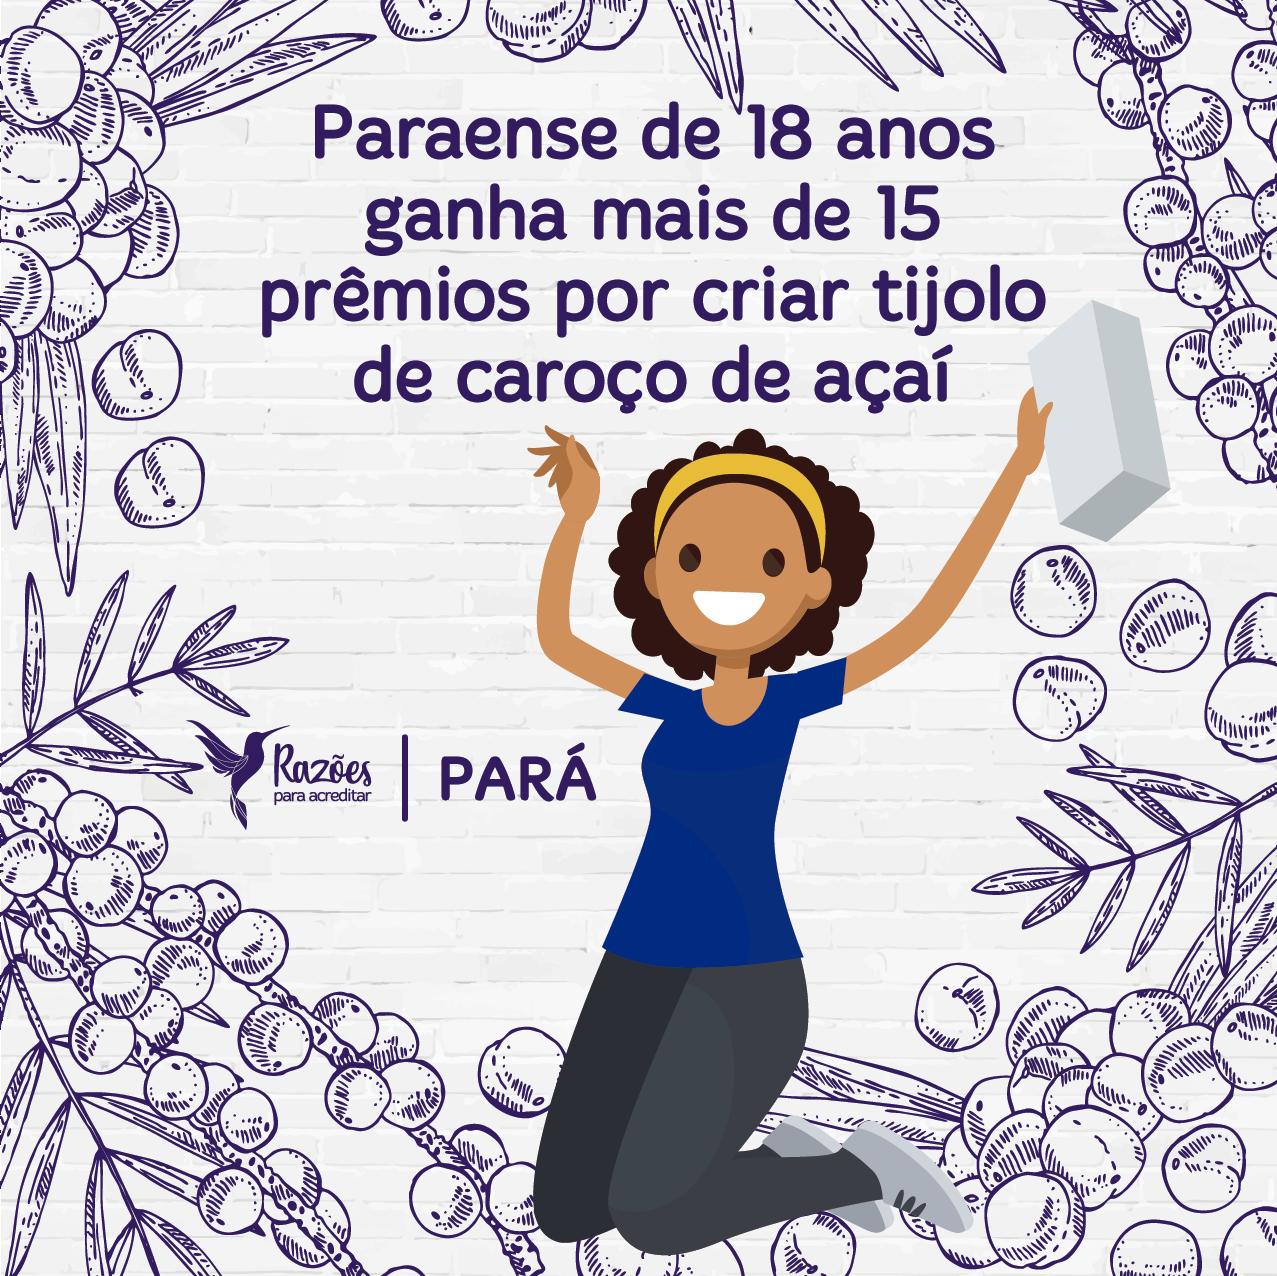 boas notícias ilustrações razões para acreditar - Pará